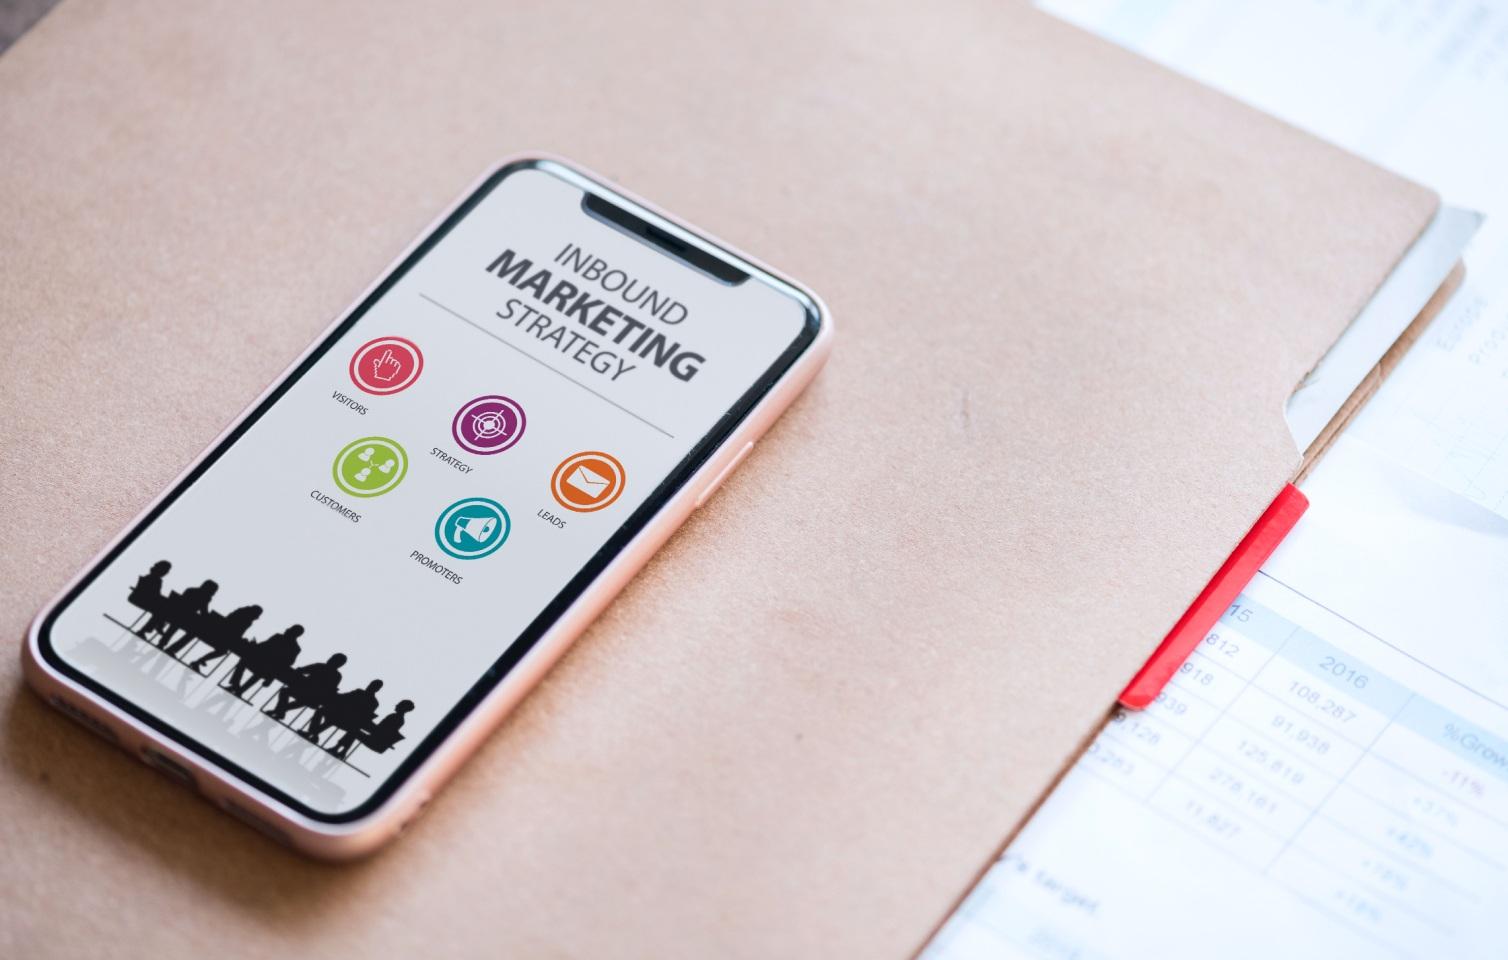 ¿Por qué debería tener una presencia online altamente visible?